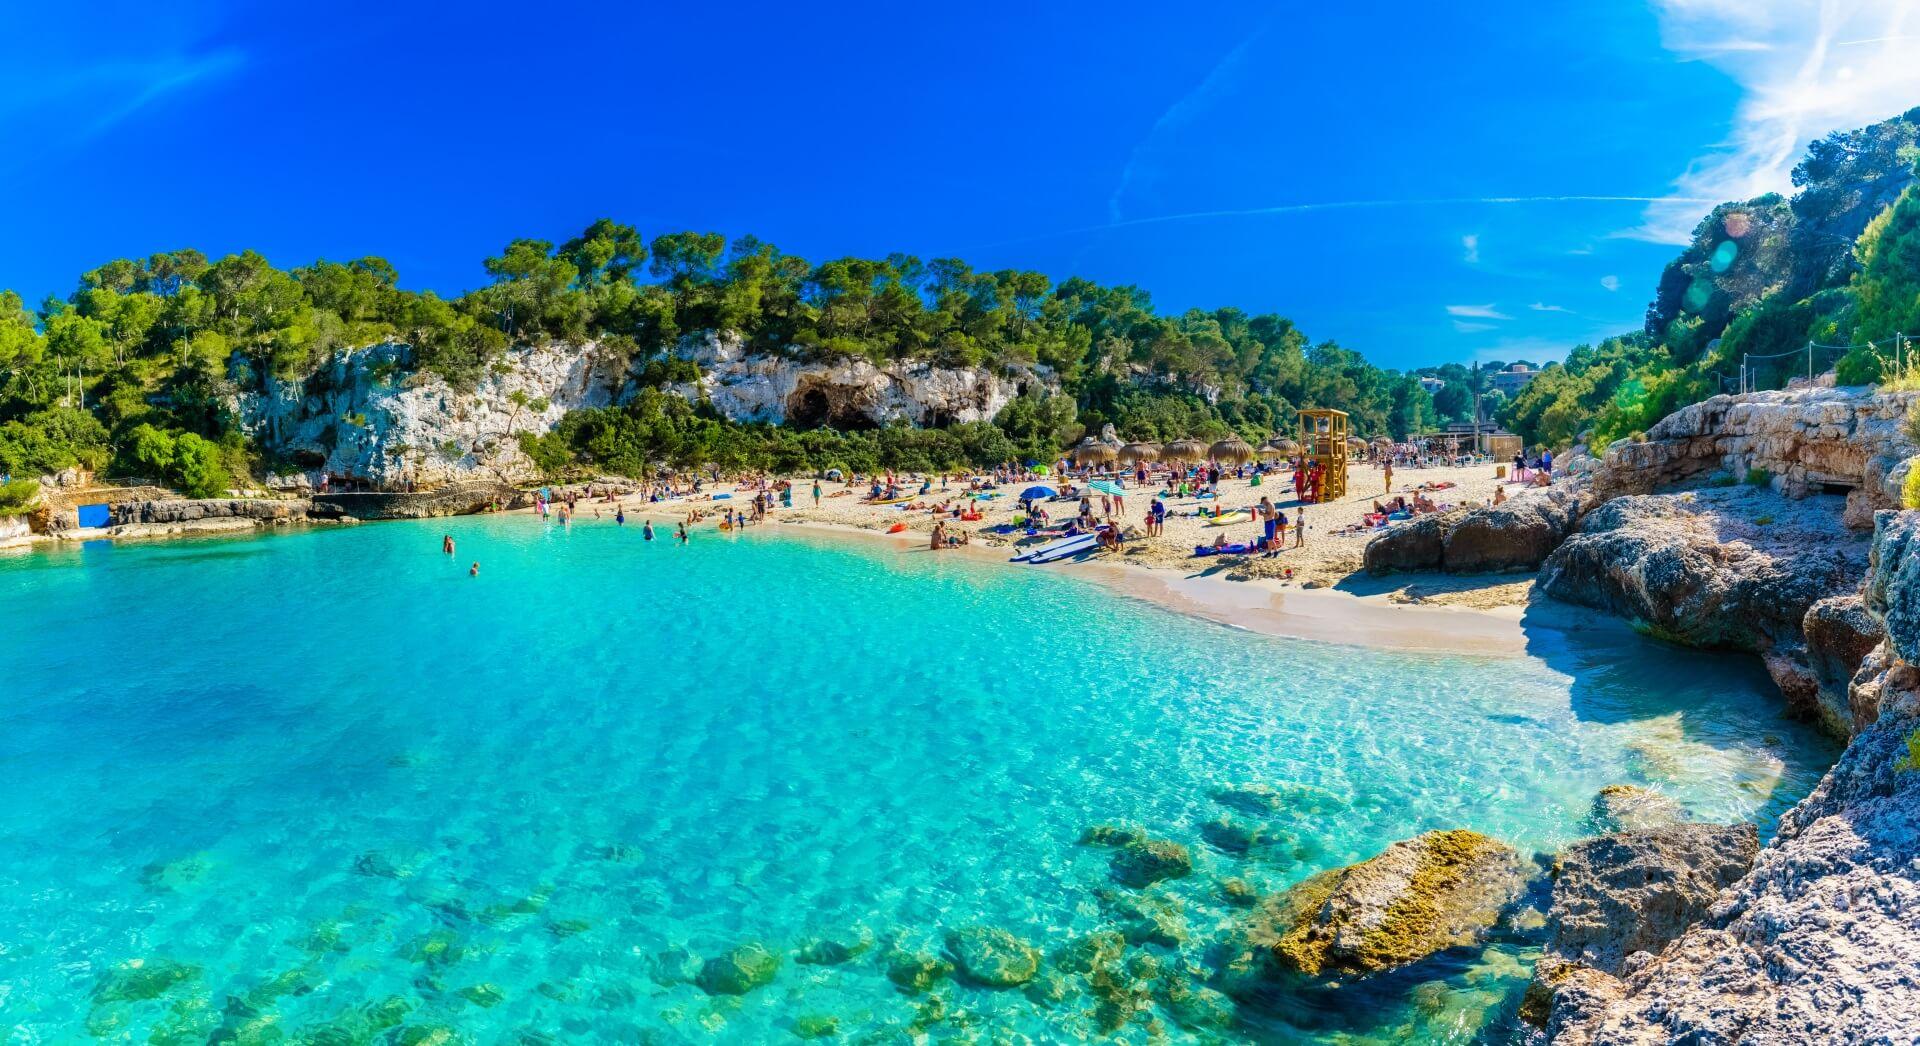 Mallorca Günstige Flüge Auf Die Baleareninsel Und Tipps Für Ihre